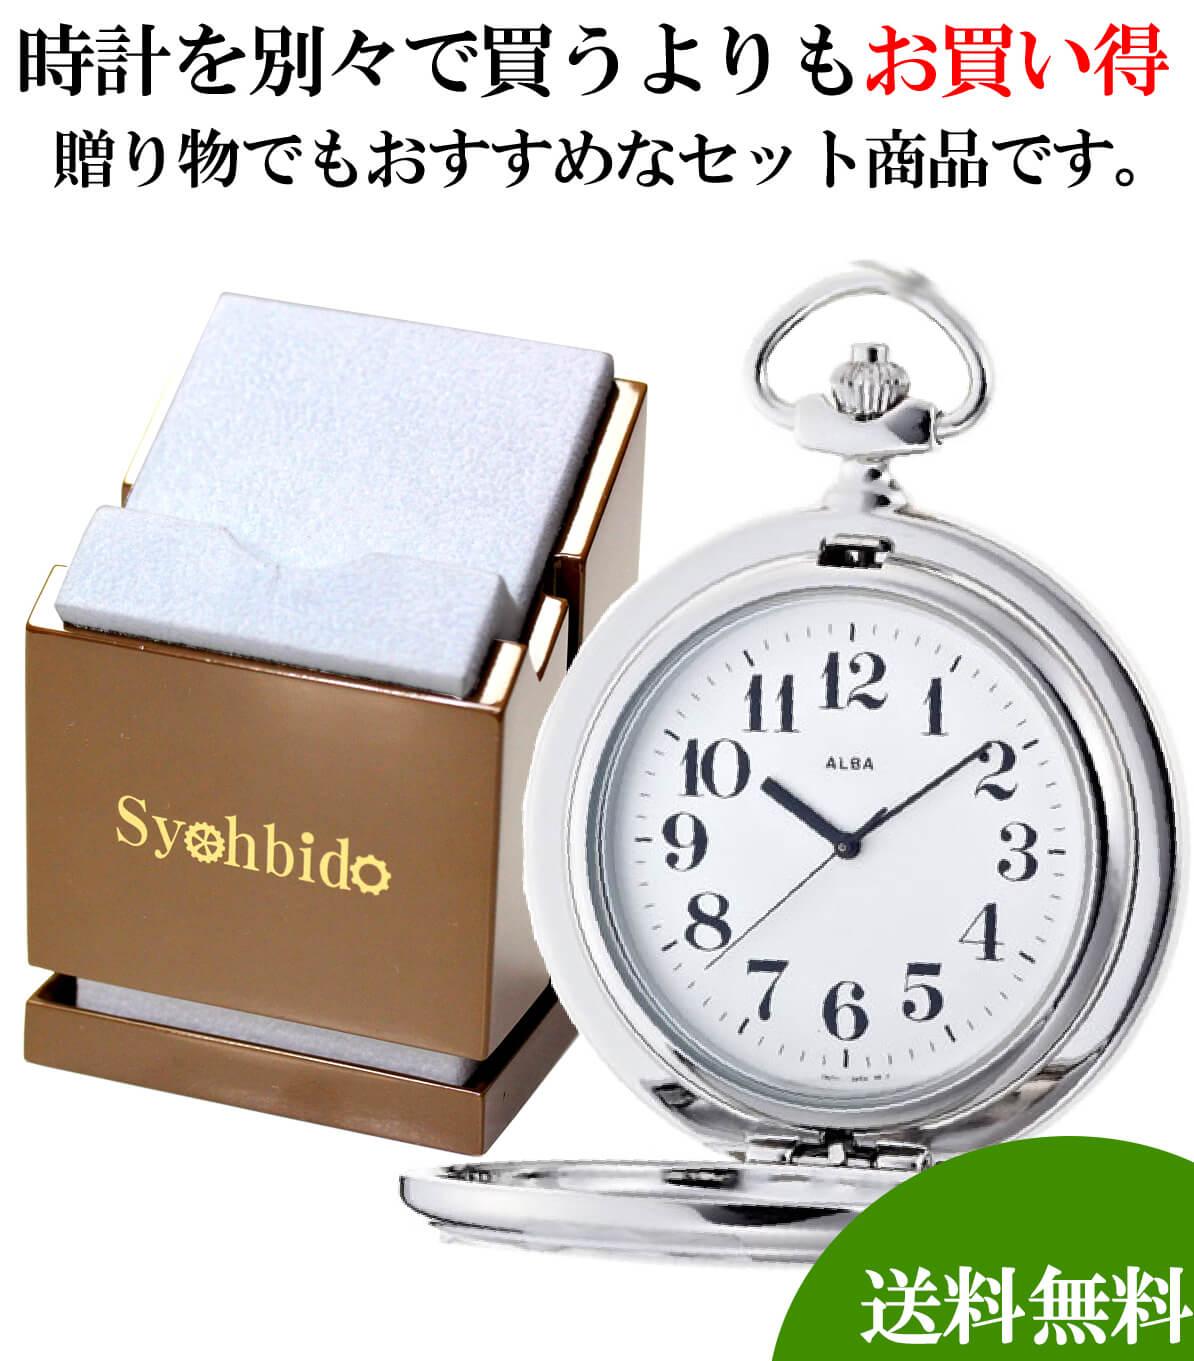 懐中時計と懐中時計専用スタンドのセット aqbt029